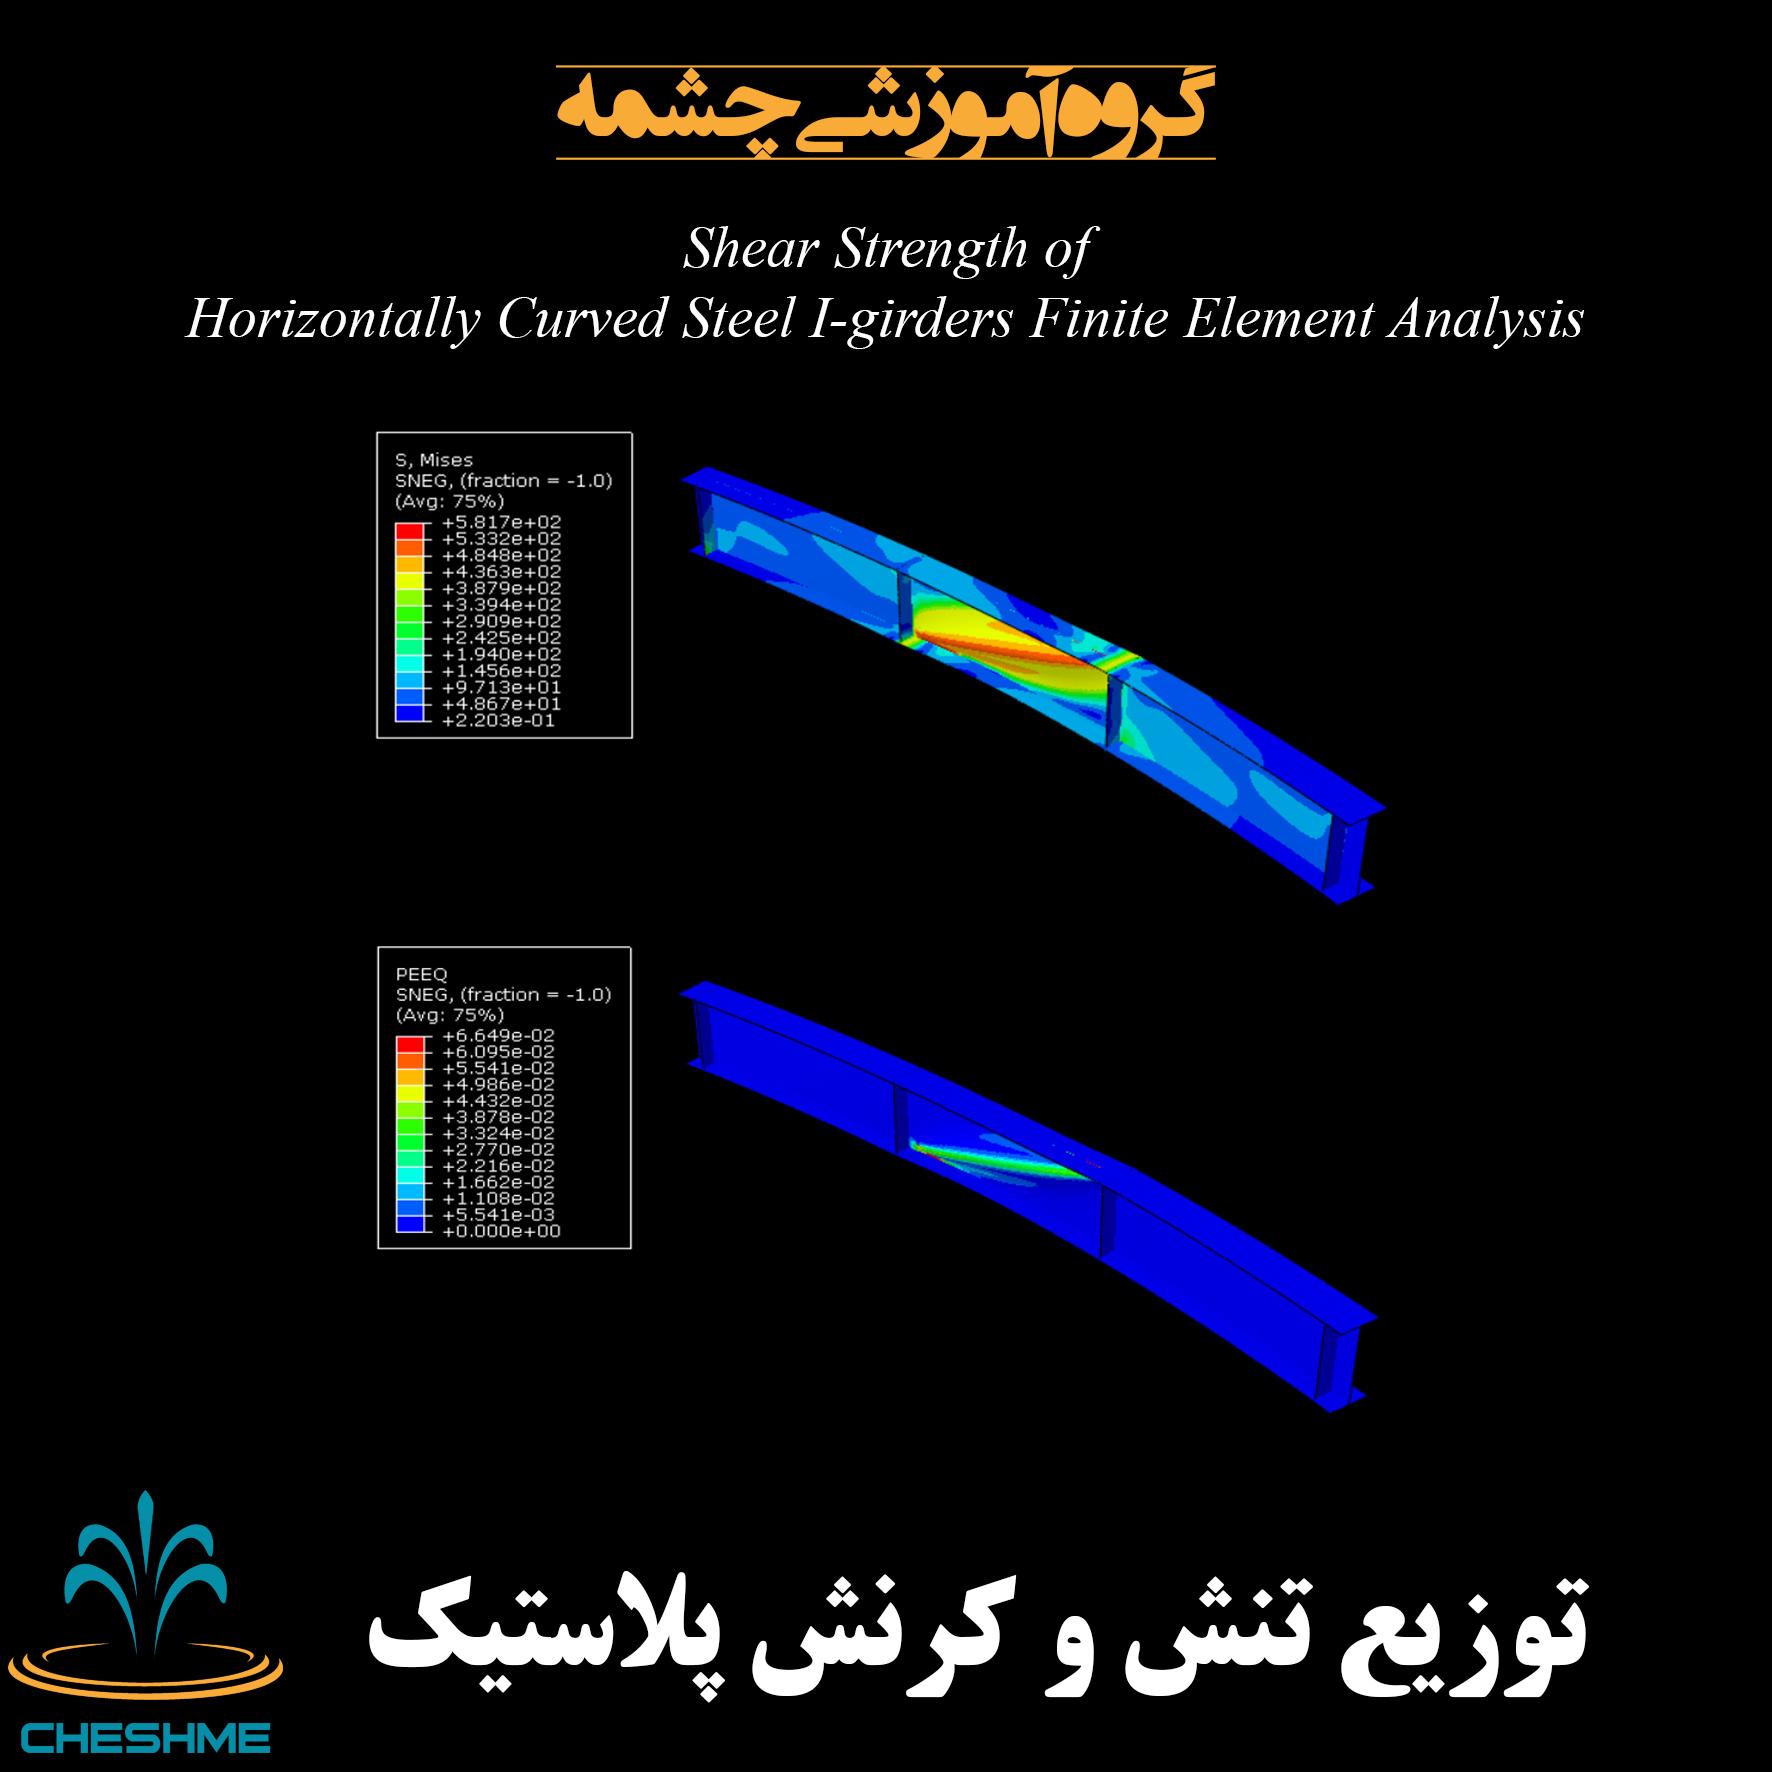 توزیع تنش و توزیع کرنش پلاستیک معادل در مدل اجزا محدود تیر فولادی دارای انحنای افقی